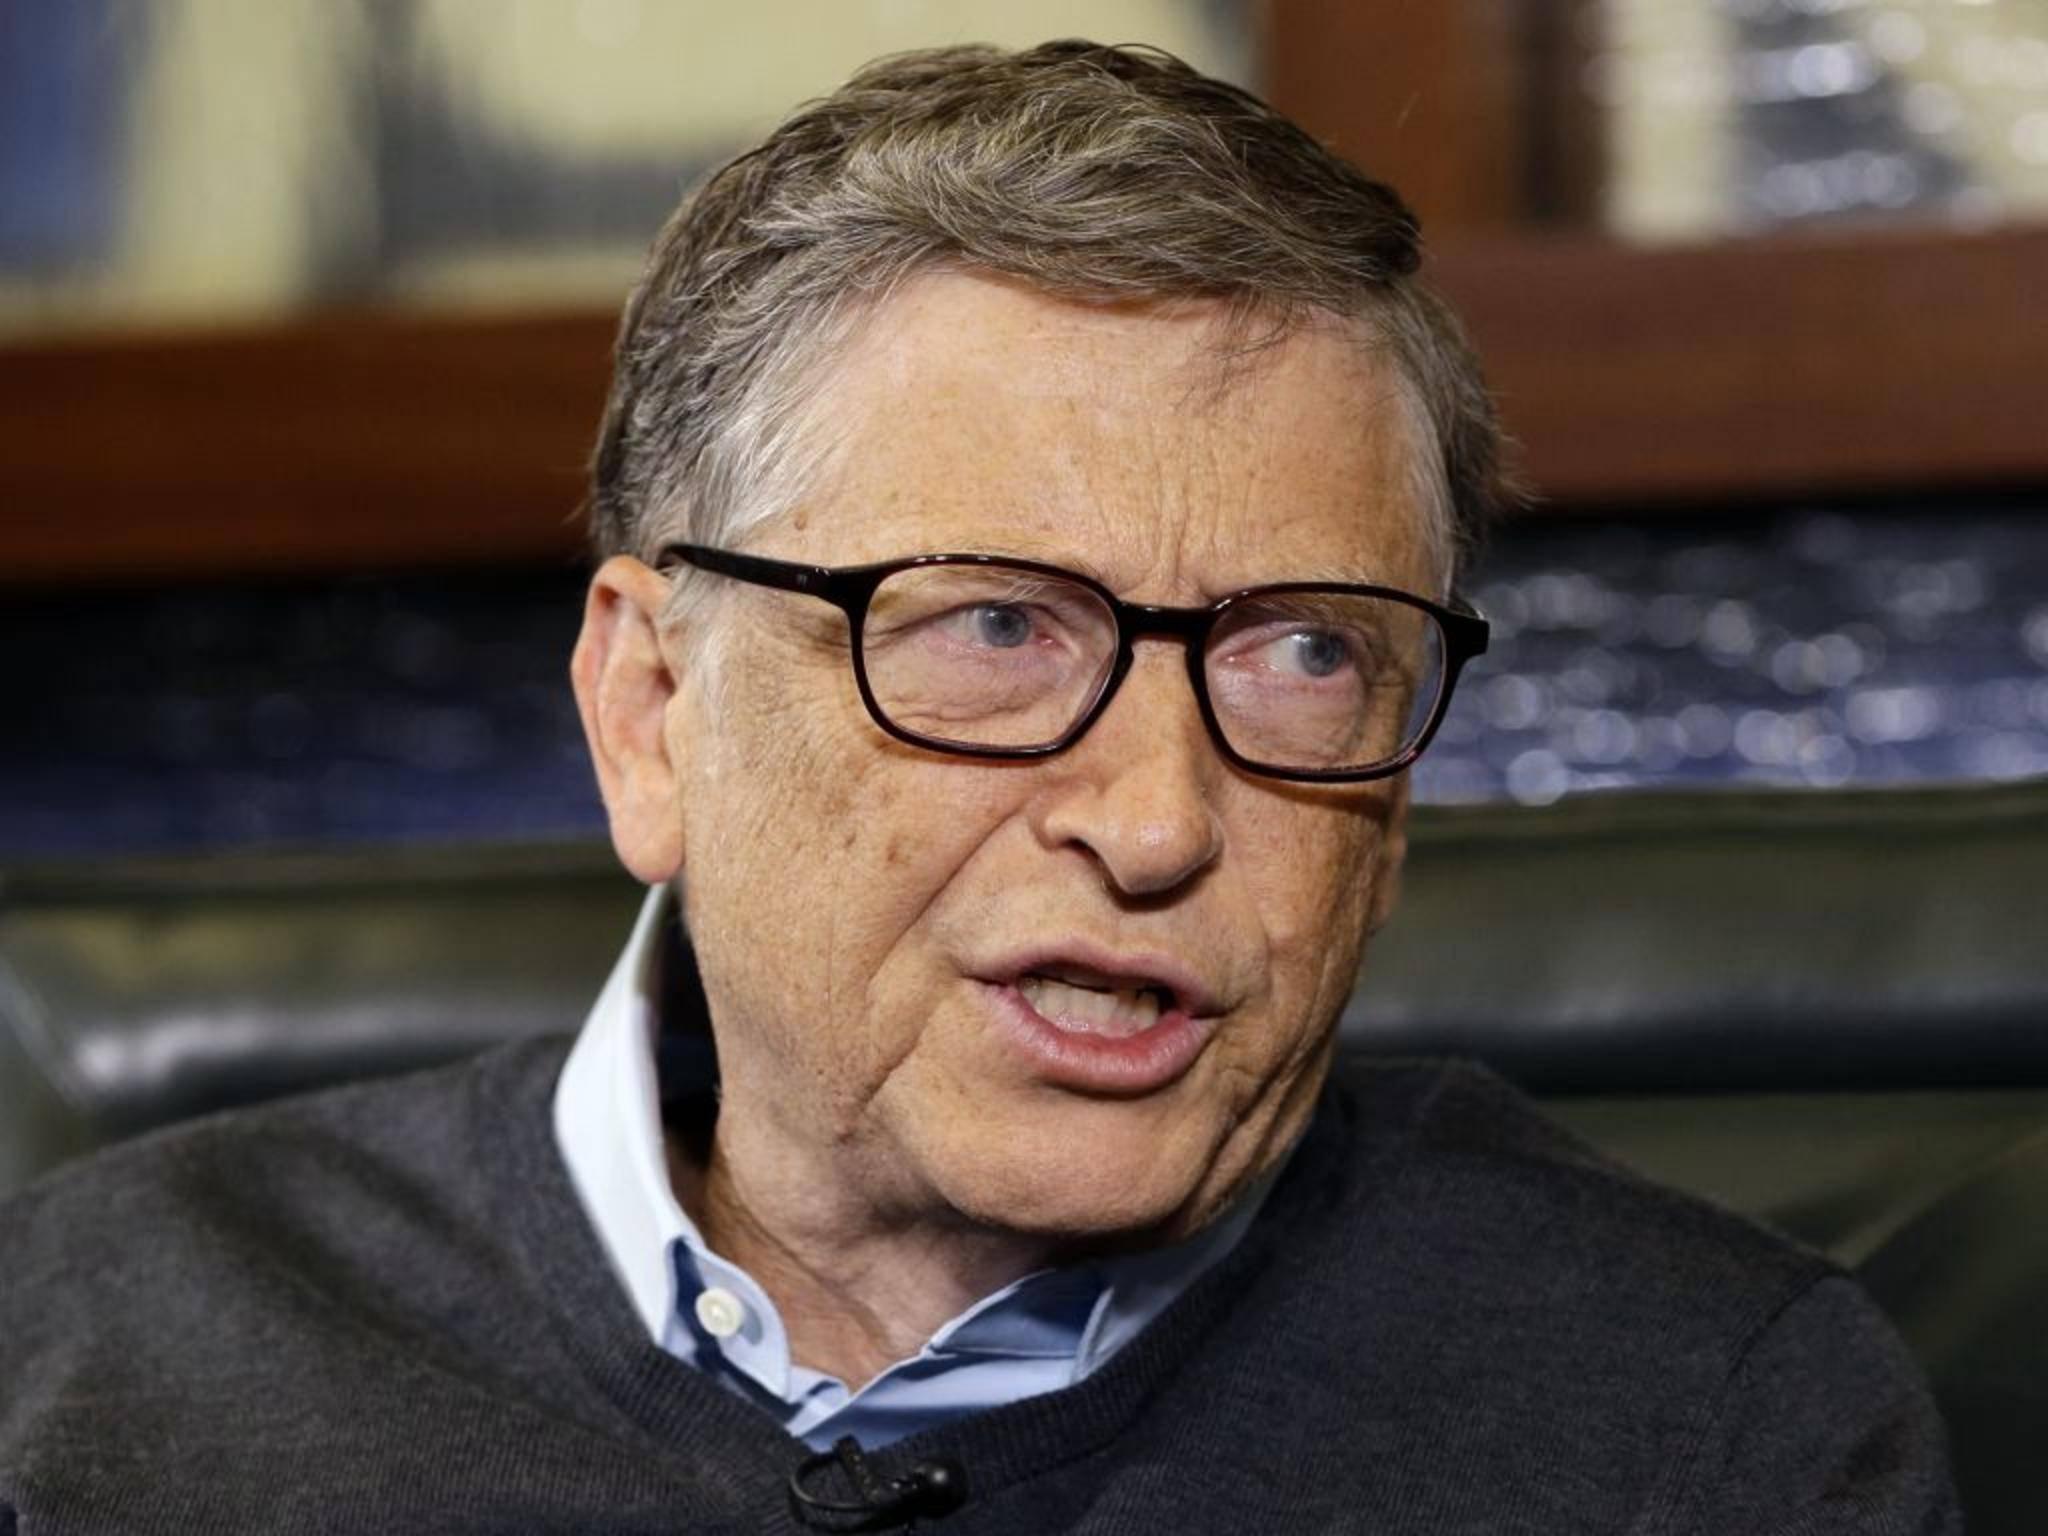 Bill Gates ist der reichste Mensch der Welt mit einem Vermögen von 79,2 Milliarden Dollar.